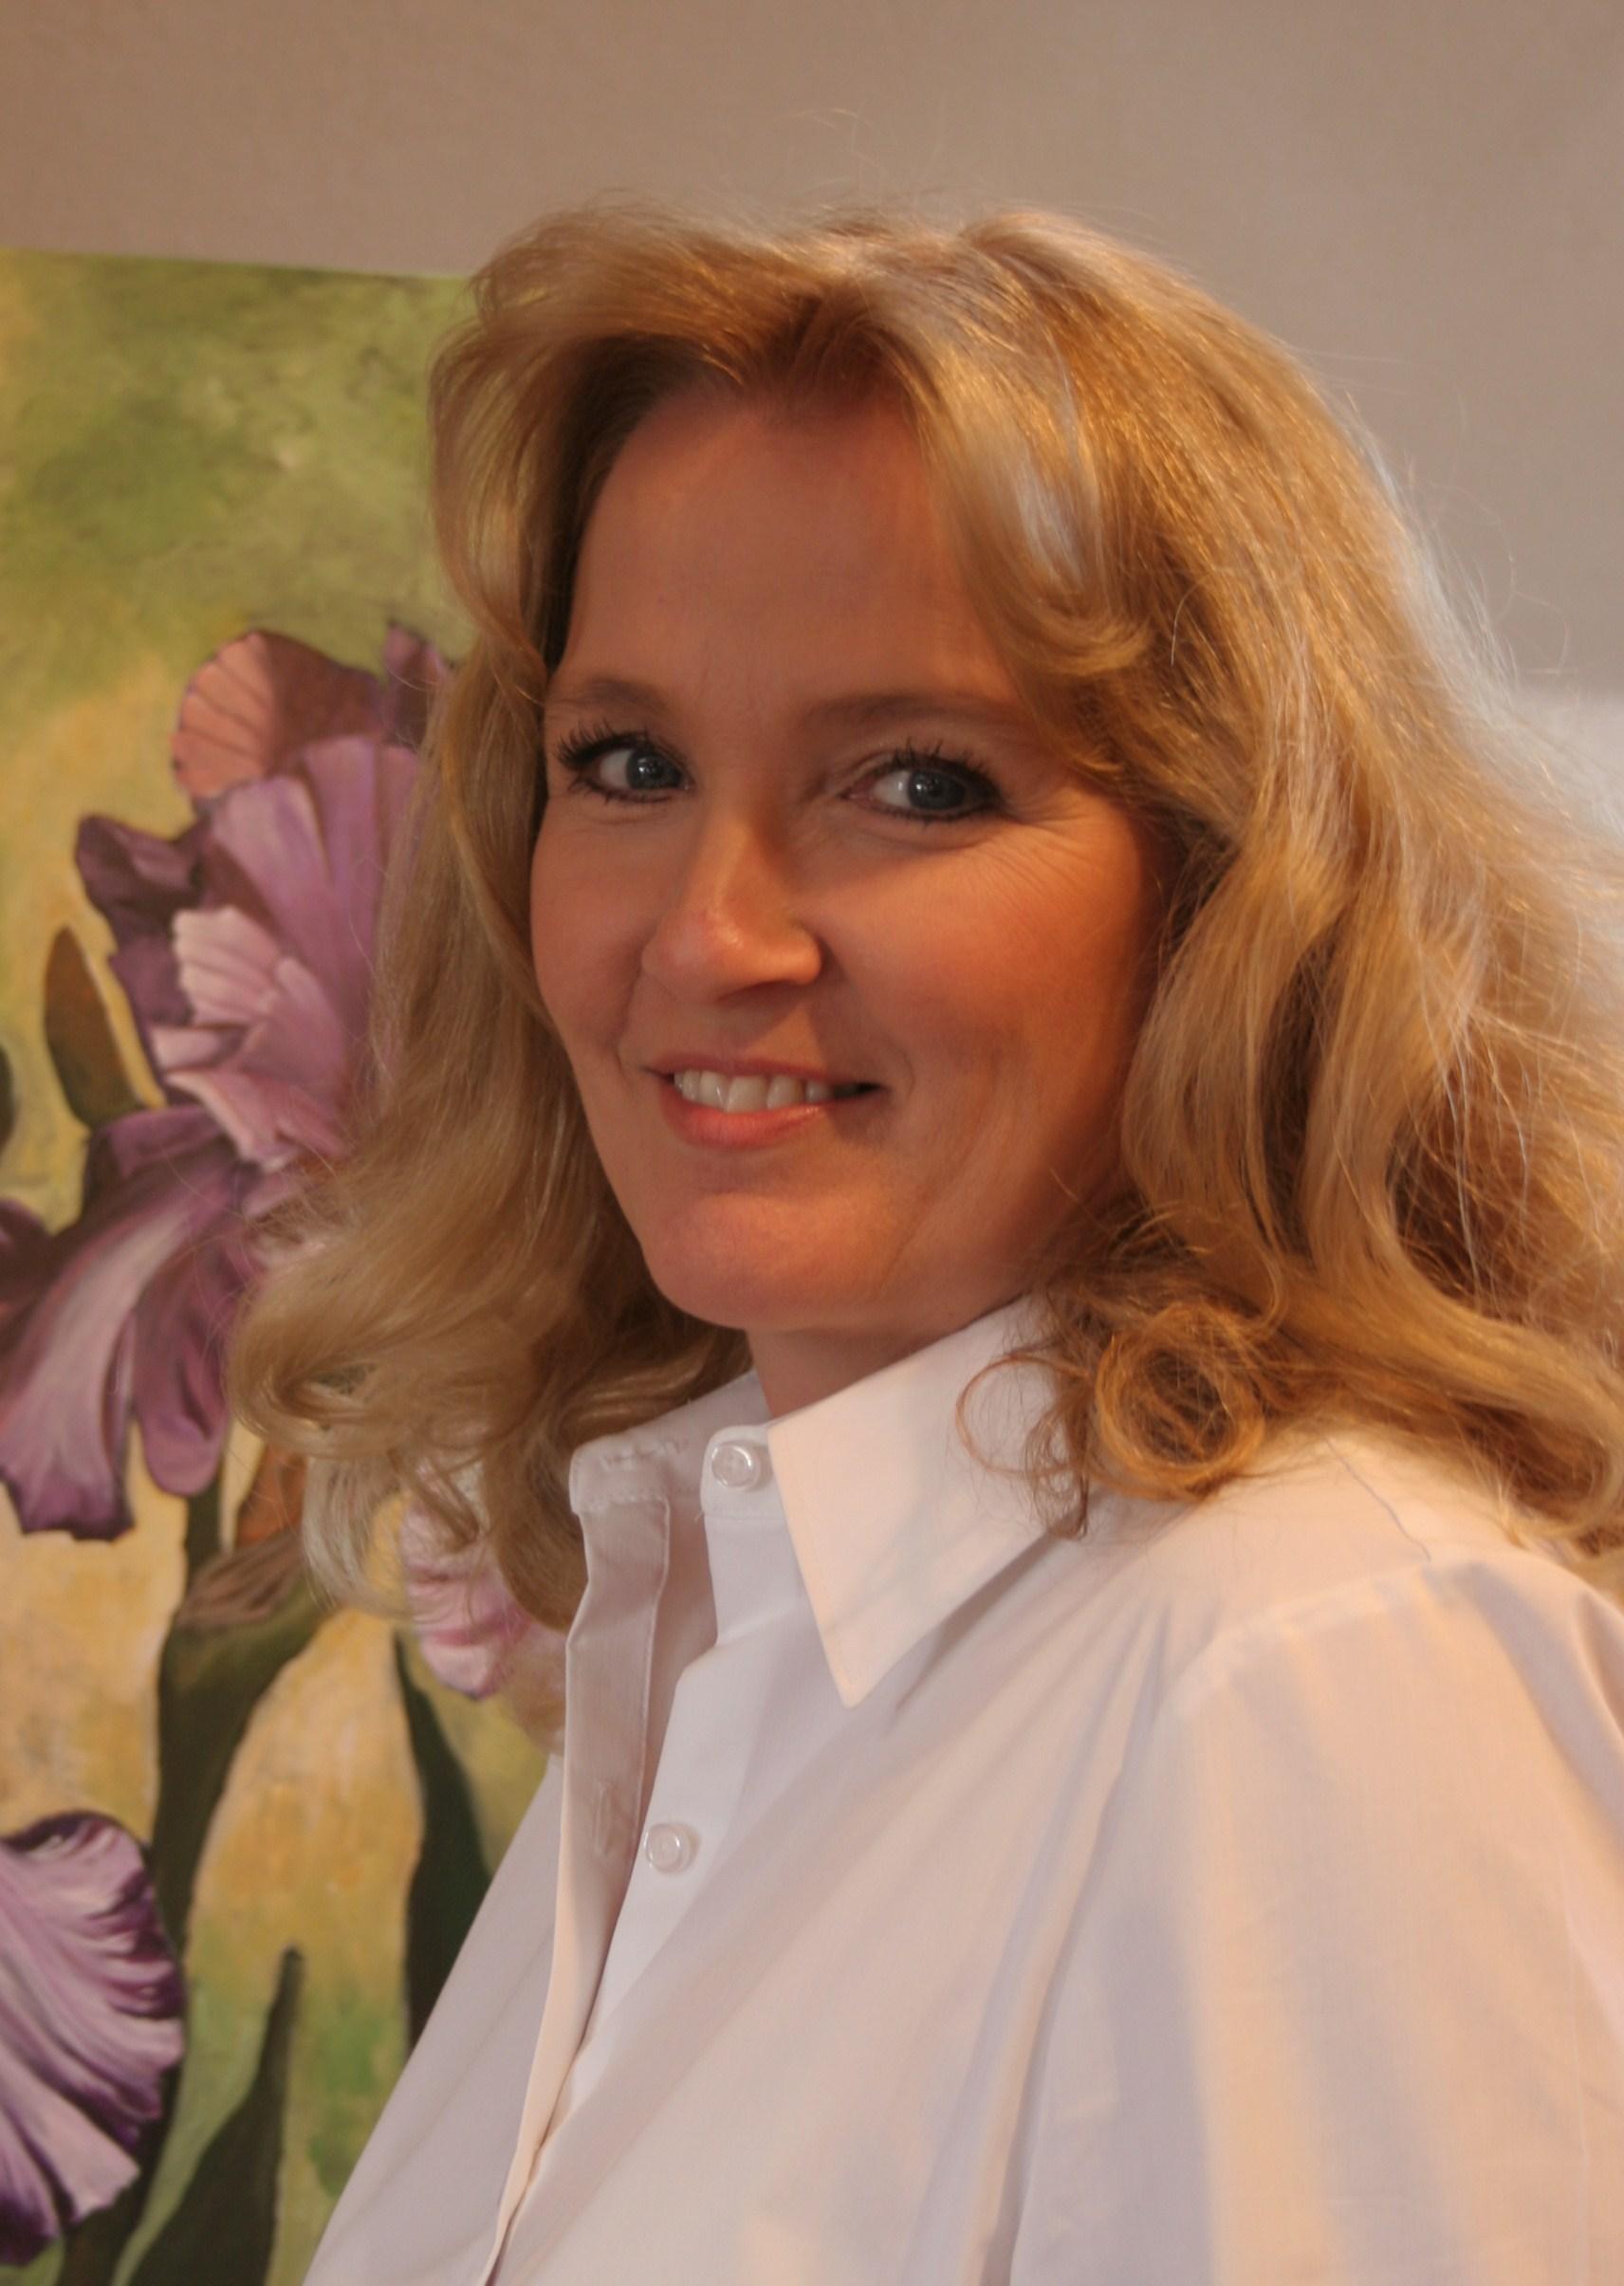 DIANE IN HER STUDIO IN PHOENIX, AZ